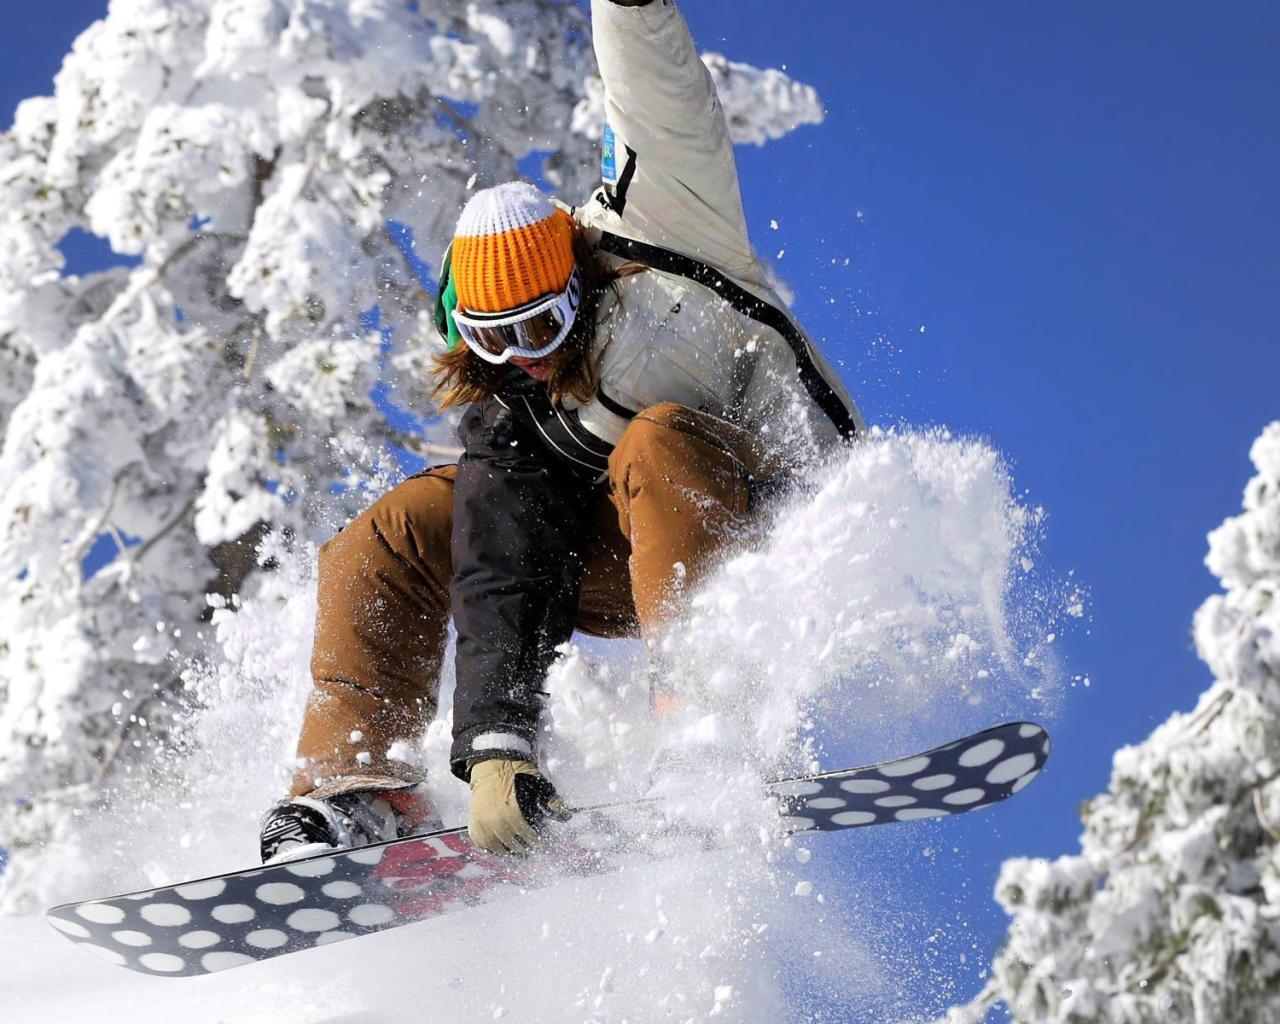 snow, snowboard, wallpaper, скачать фото трюк на сноуборде, обои для рабочего стола